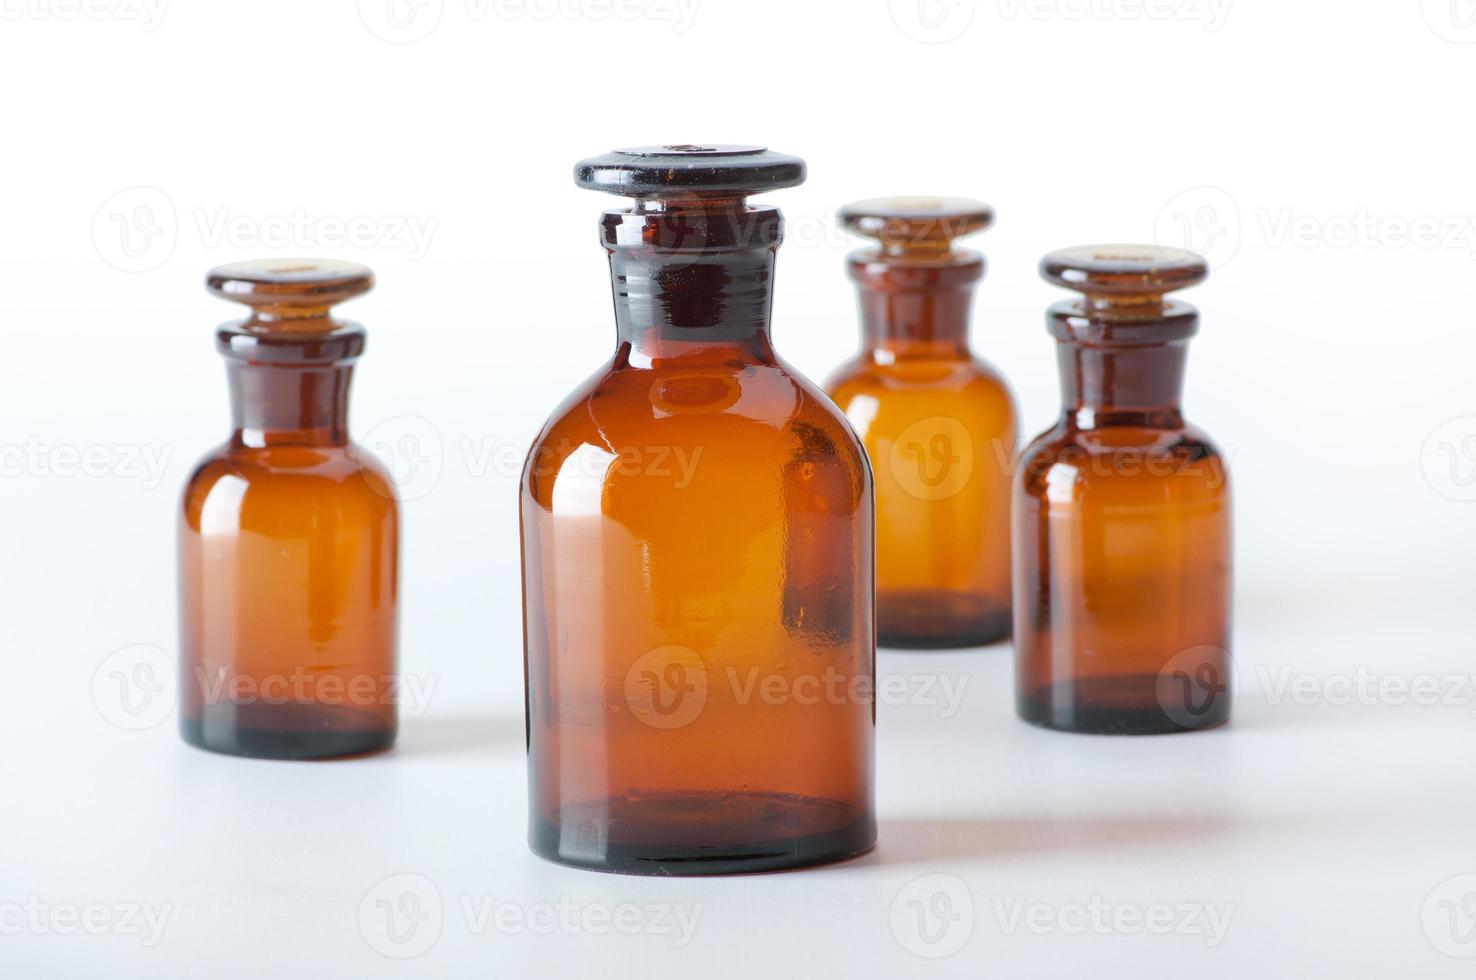 kleine flesjes chemisch glas foto